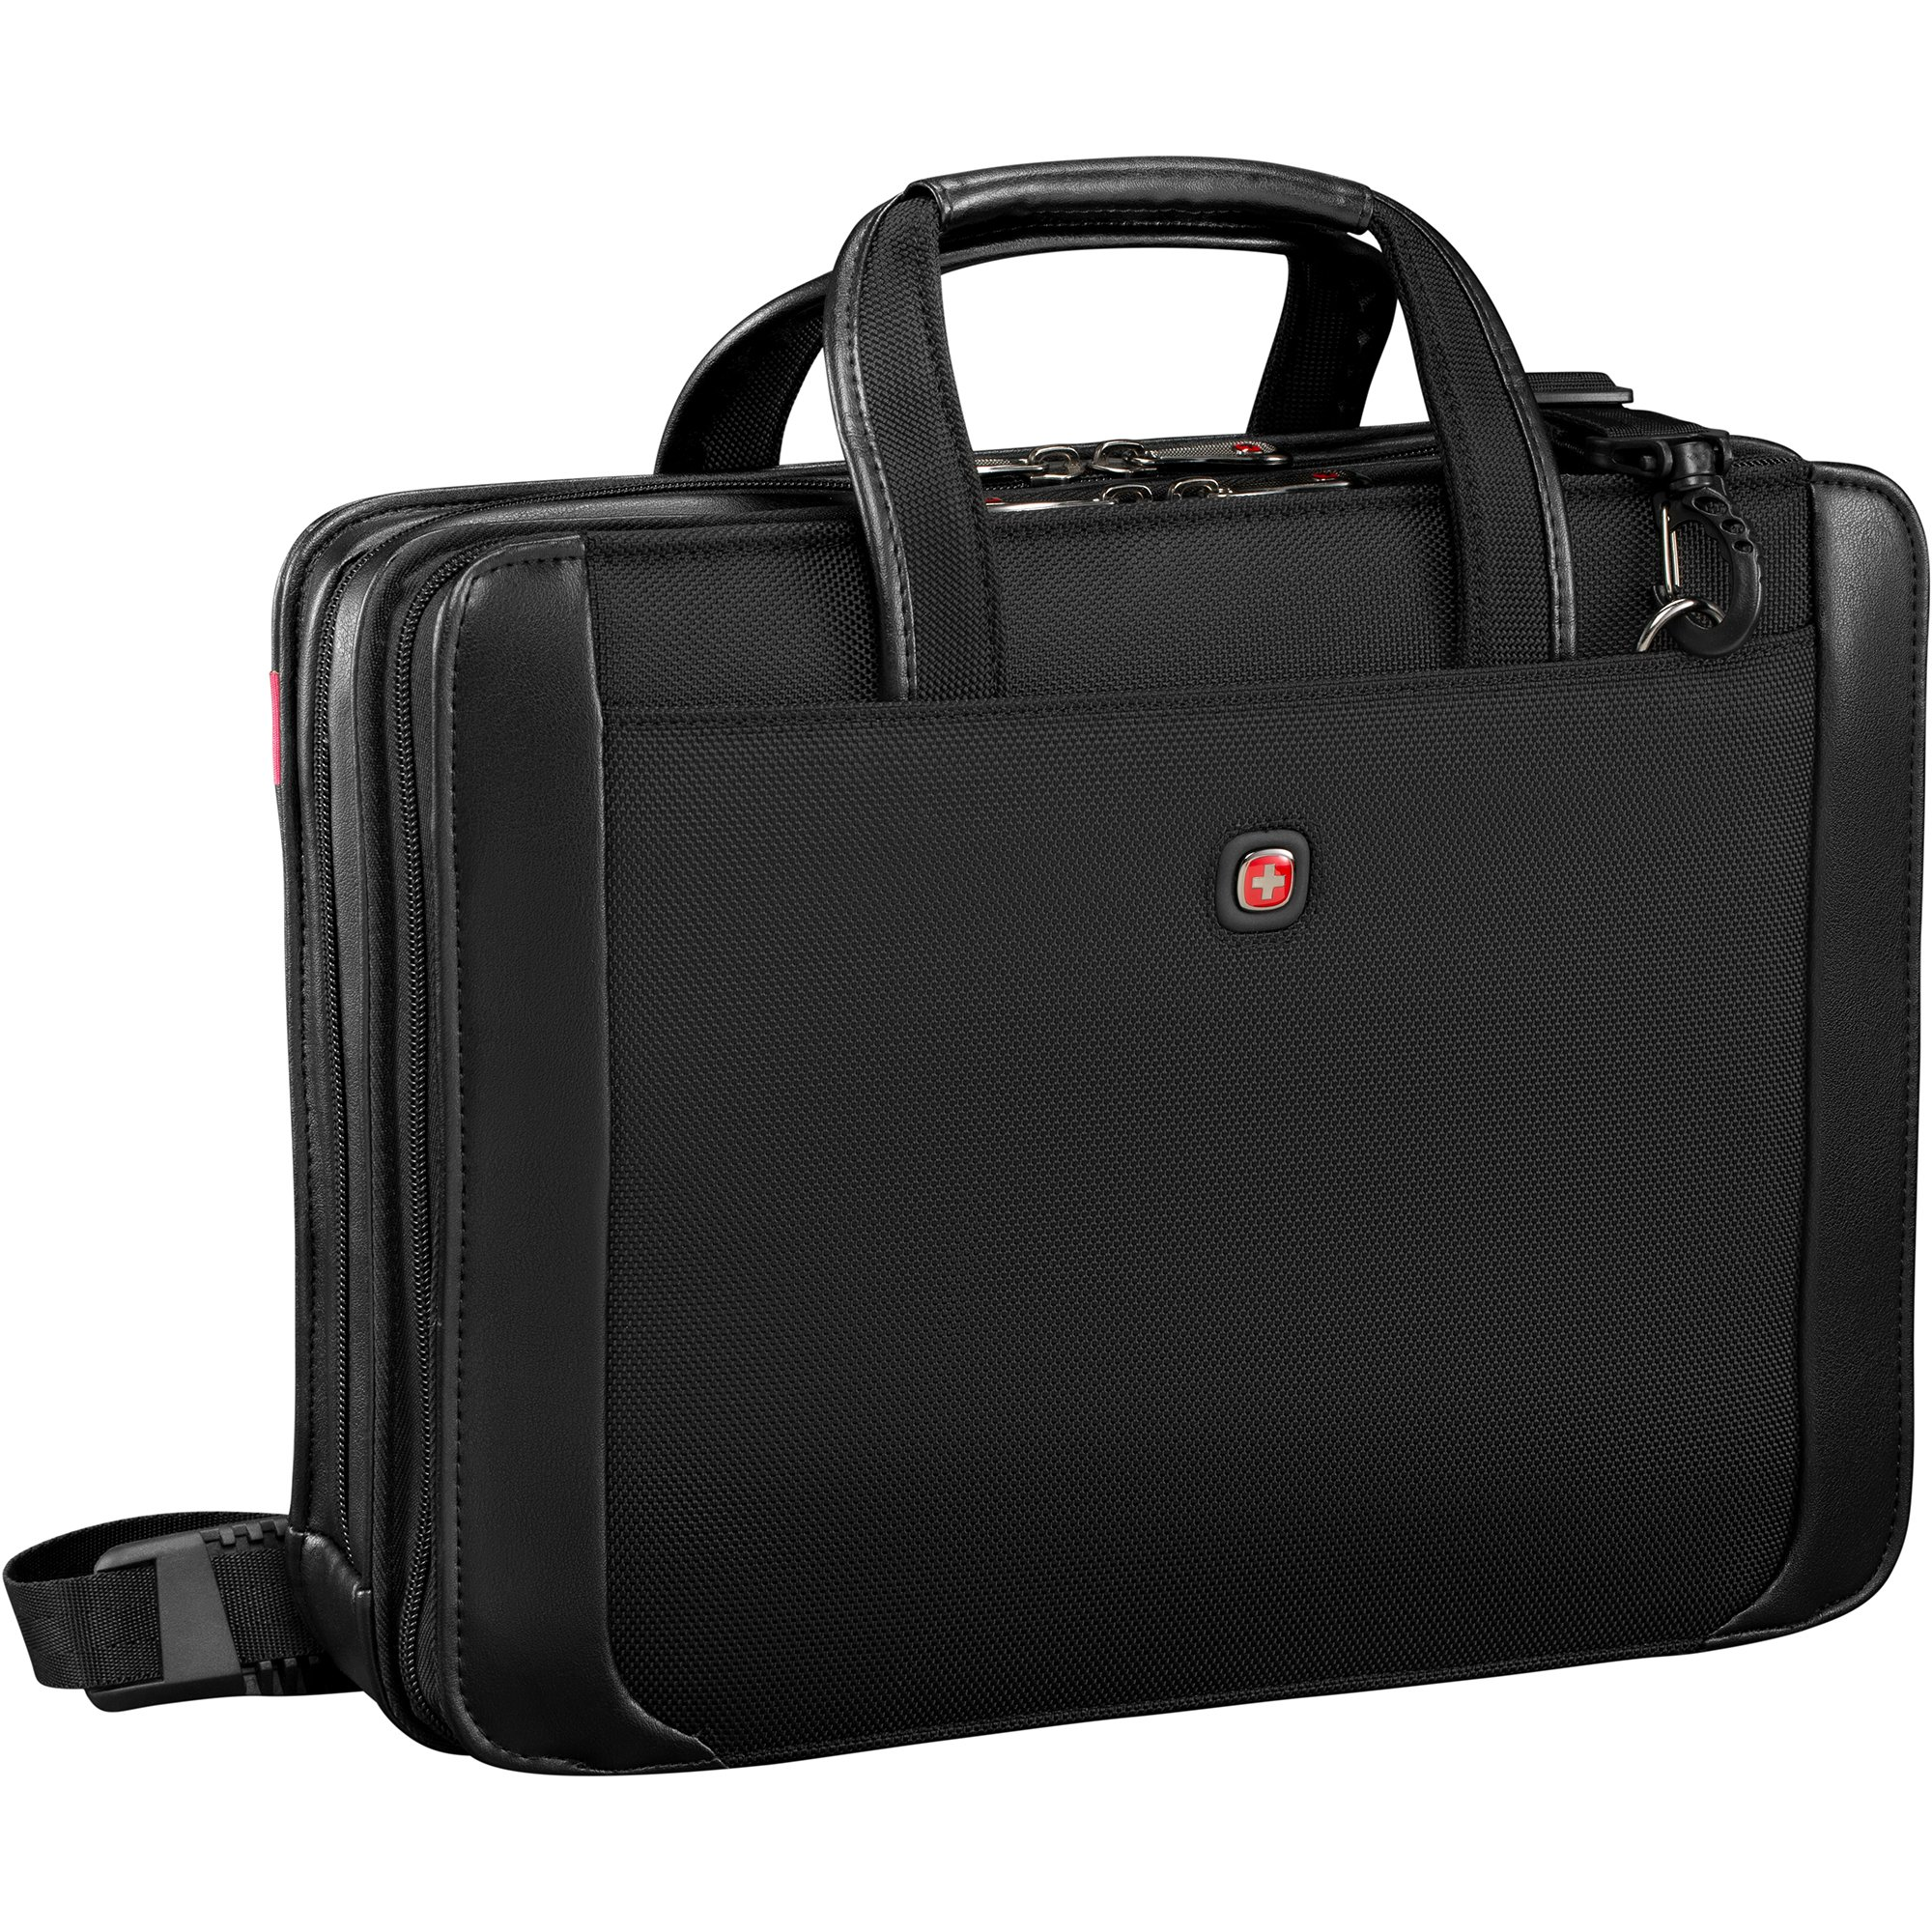 Wenger Luggage Proxy 14'' Zippered Laptop Presentation Padfolio, Black by Wenger